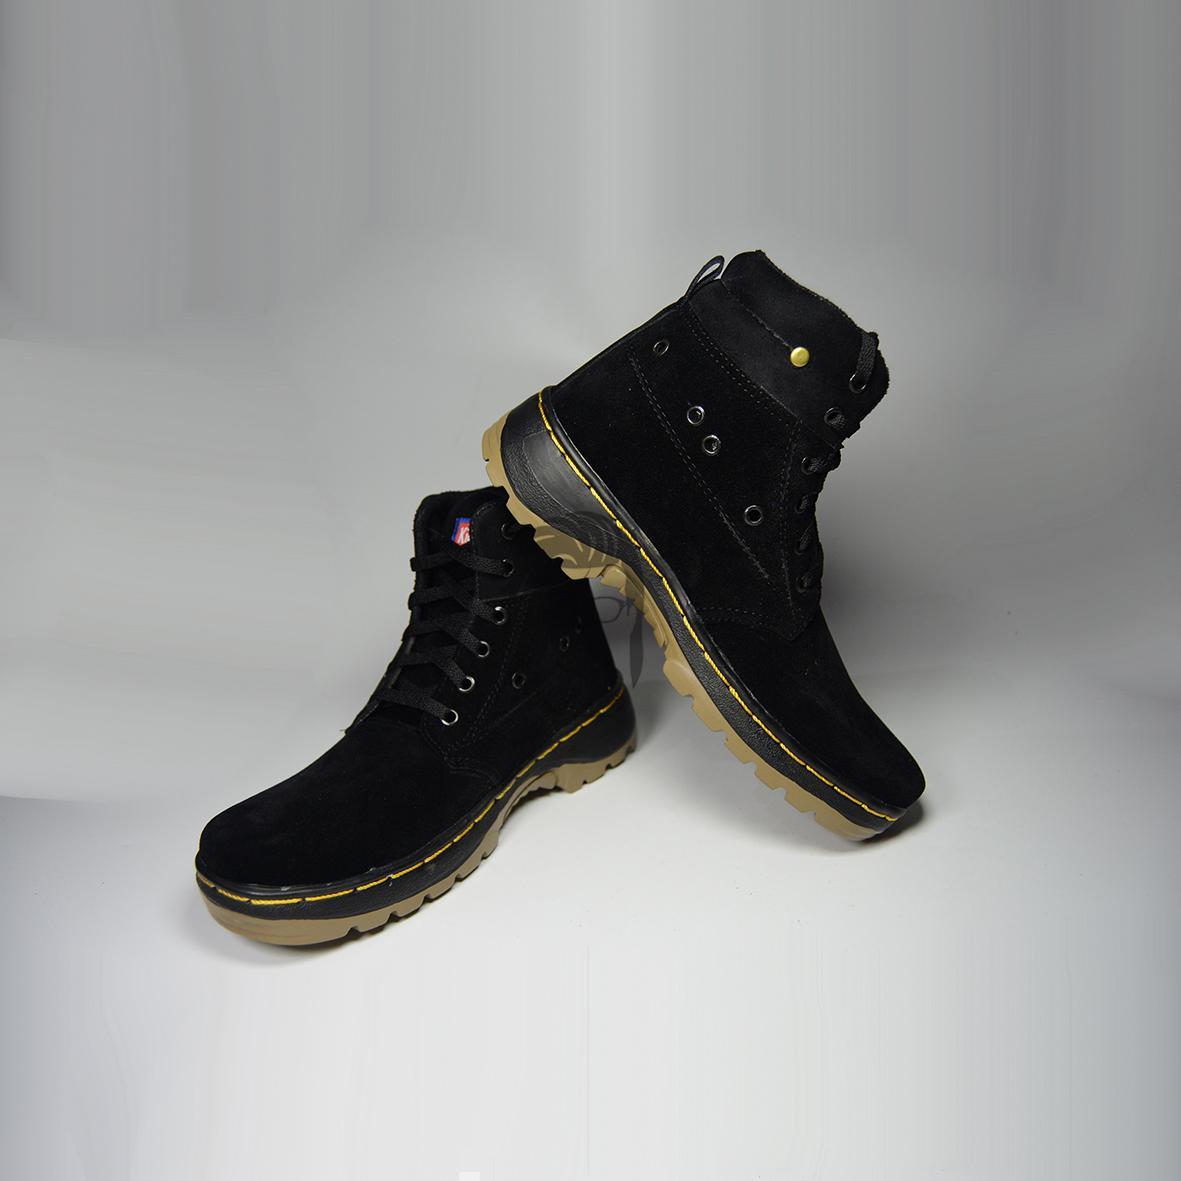 Kibaws sepatu boot tinggi hitam full untuk hangout dan acara formal